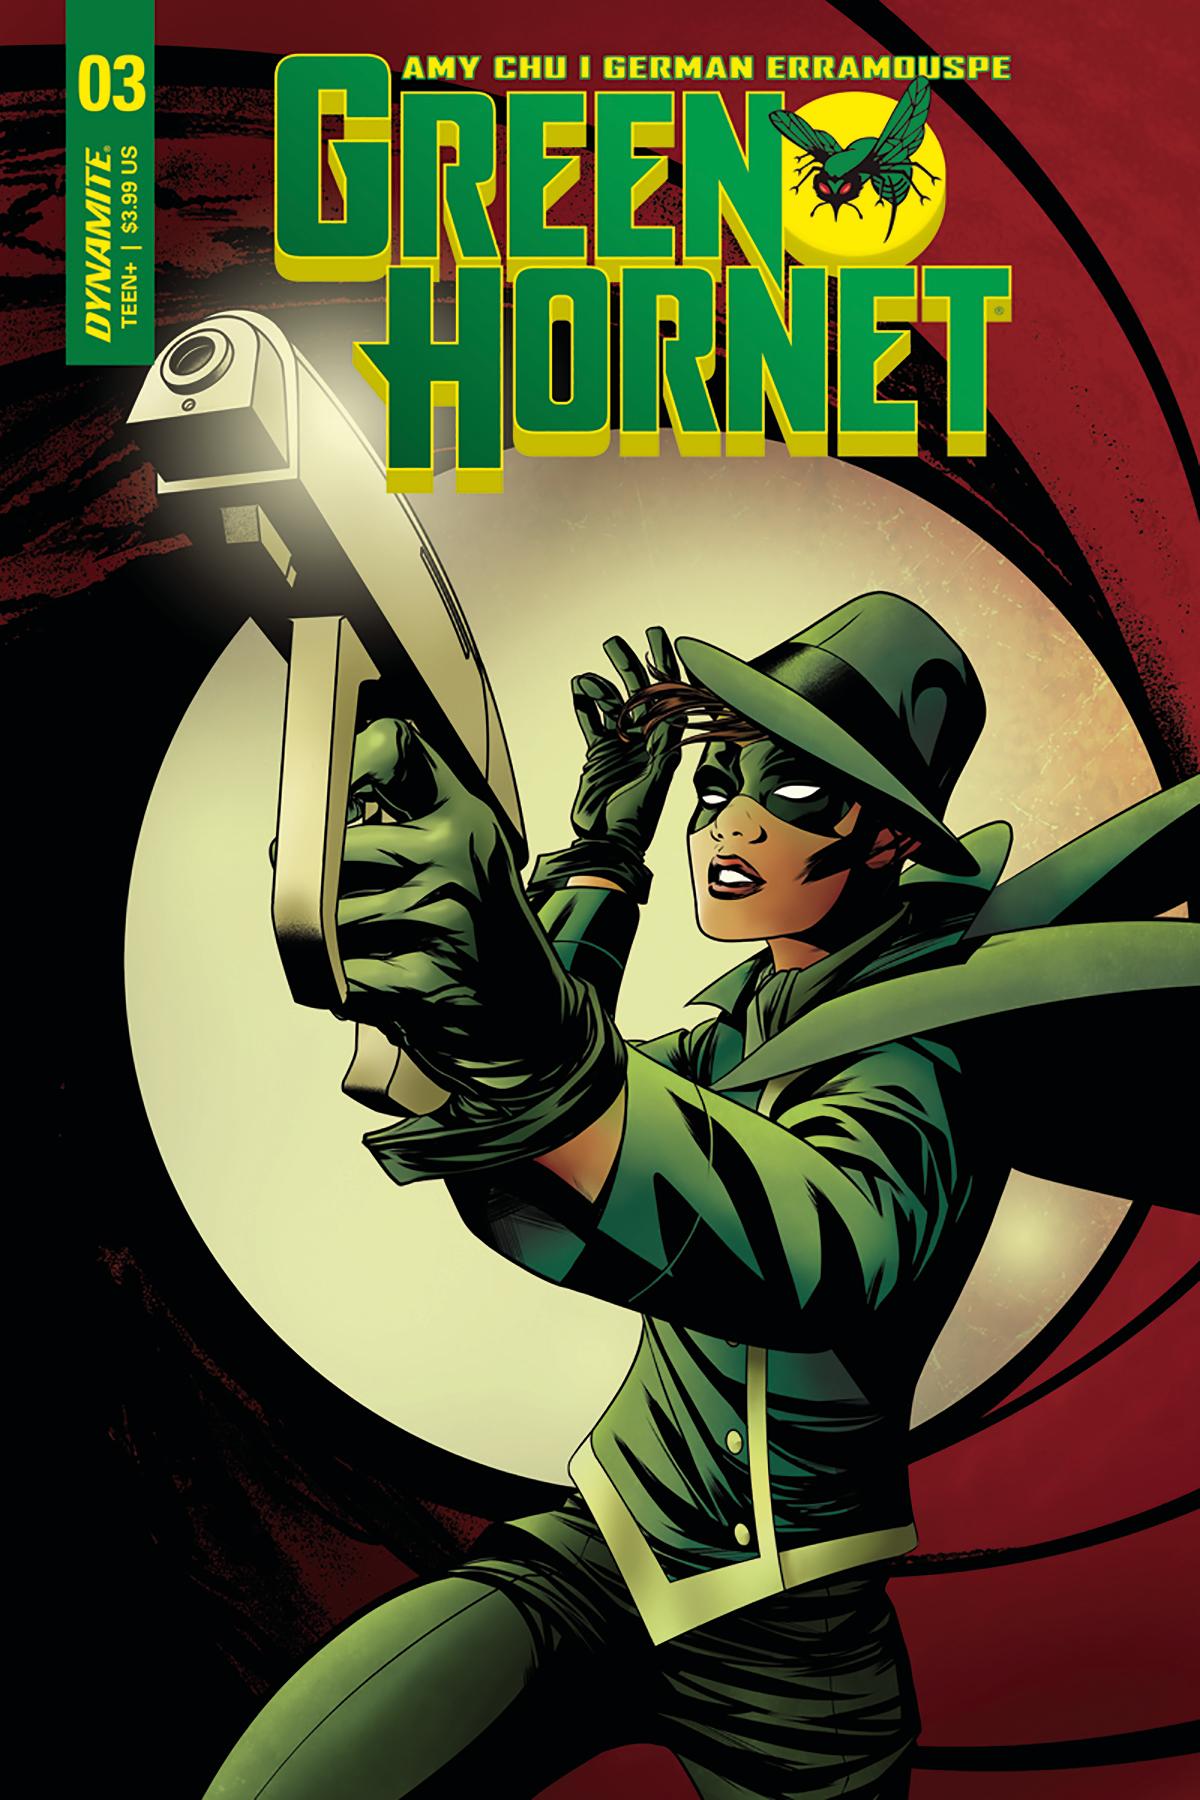 MAR181458 - GREEN HORNET #3 CVR A MCKONE - Previews World